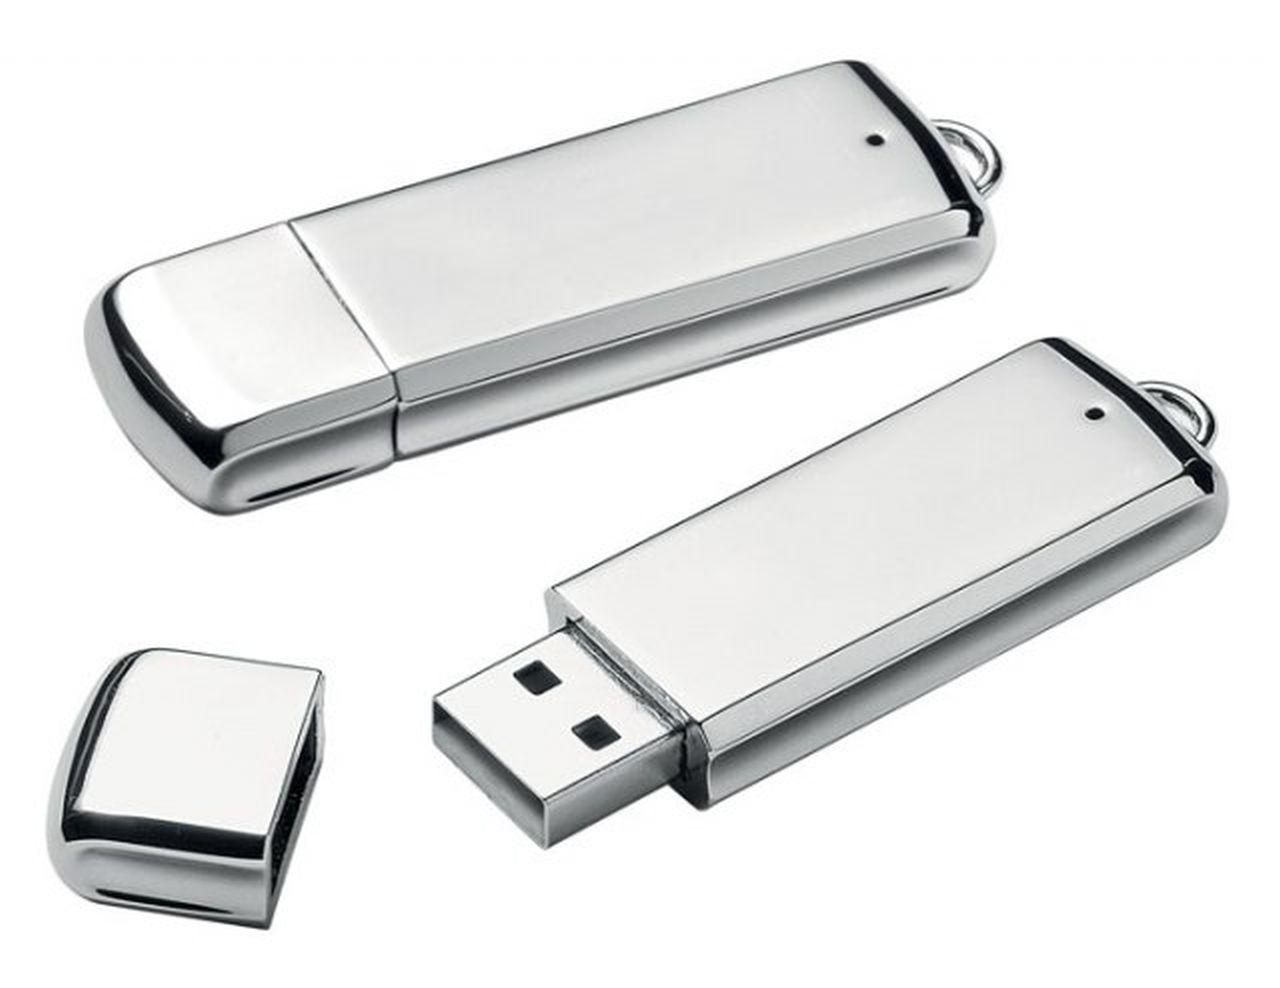 USB rettangolare 8gb cm.6x1,7x1h